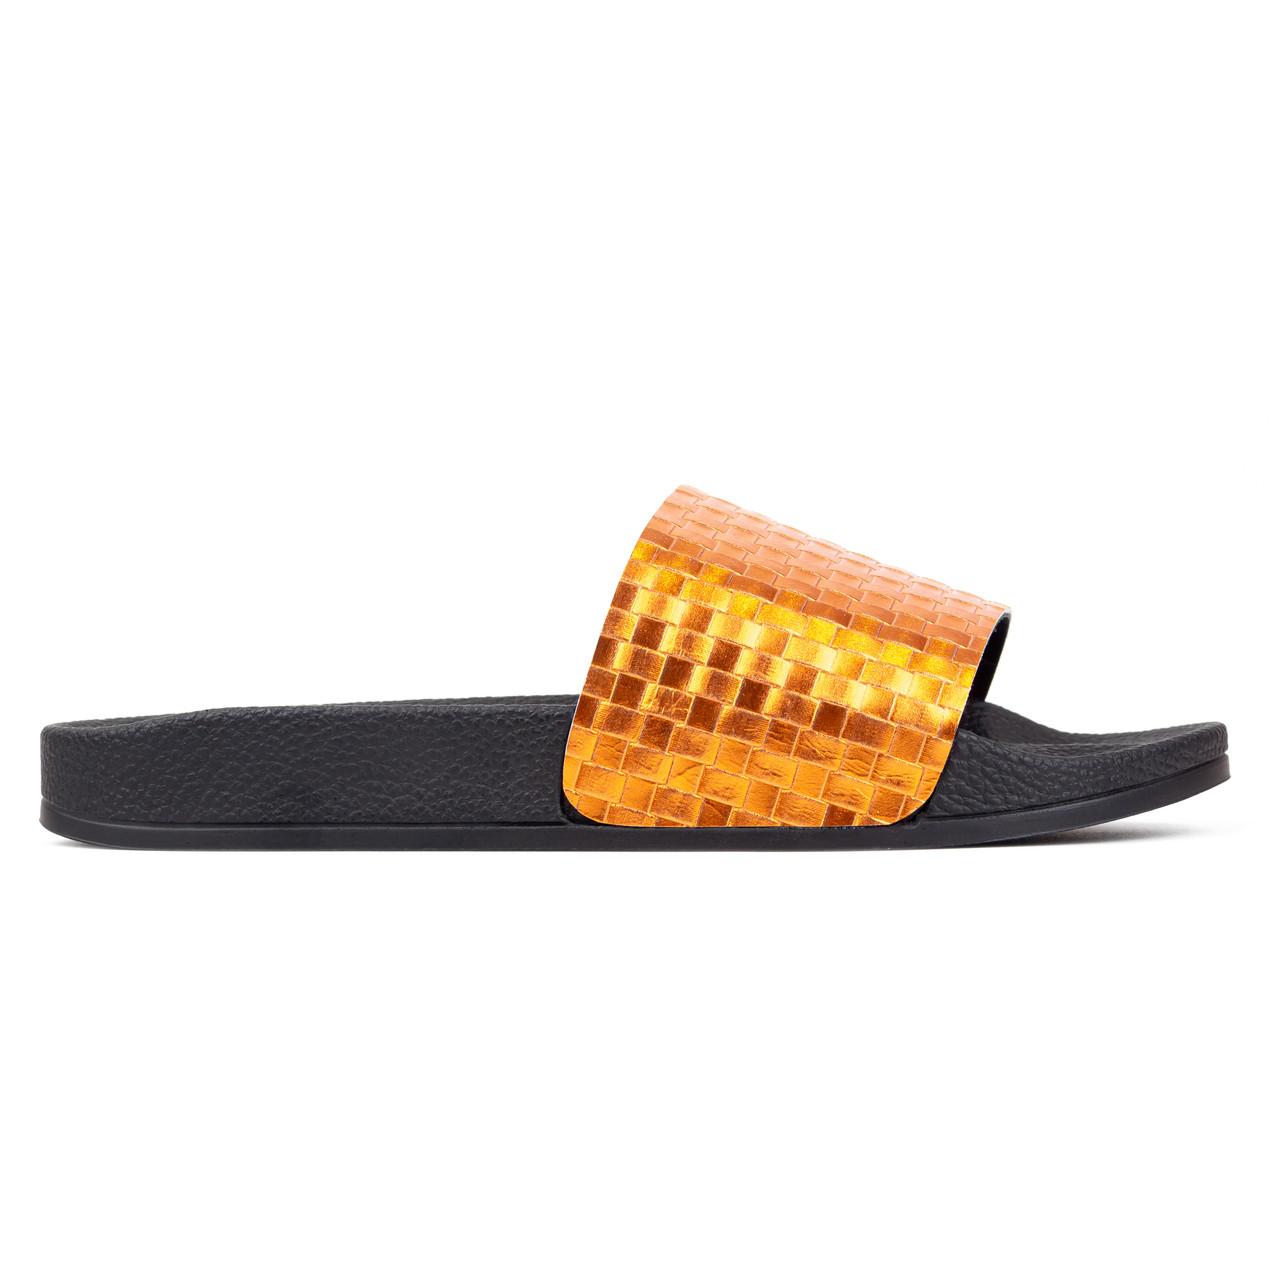 Шлепанцы женские Woman's heel кожаные золотистые (О-900)